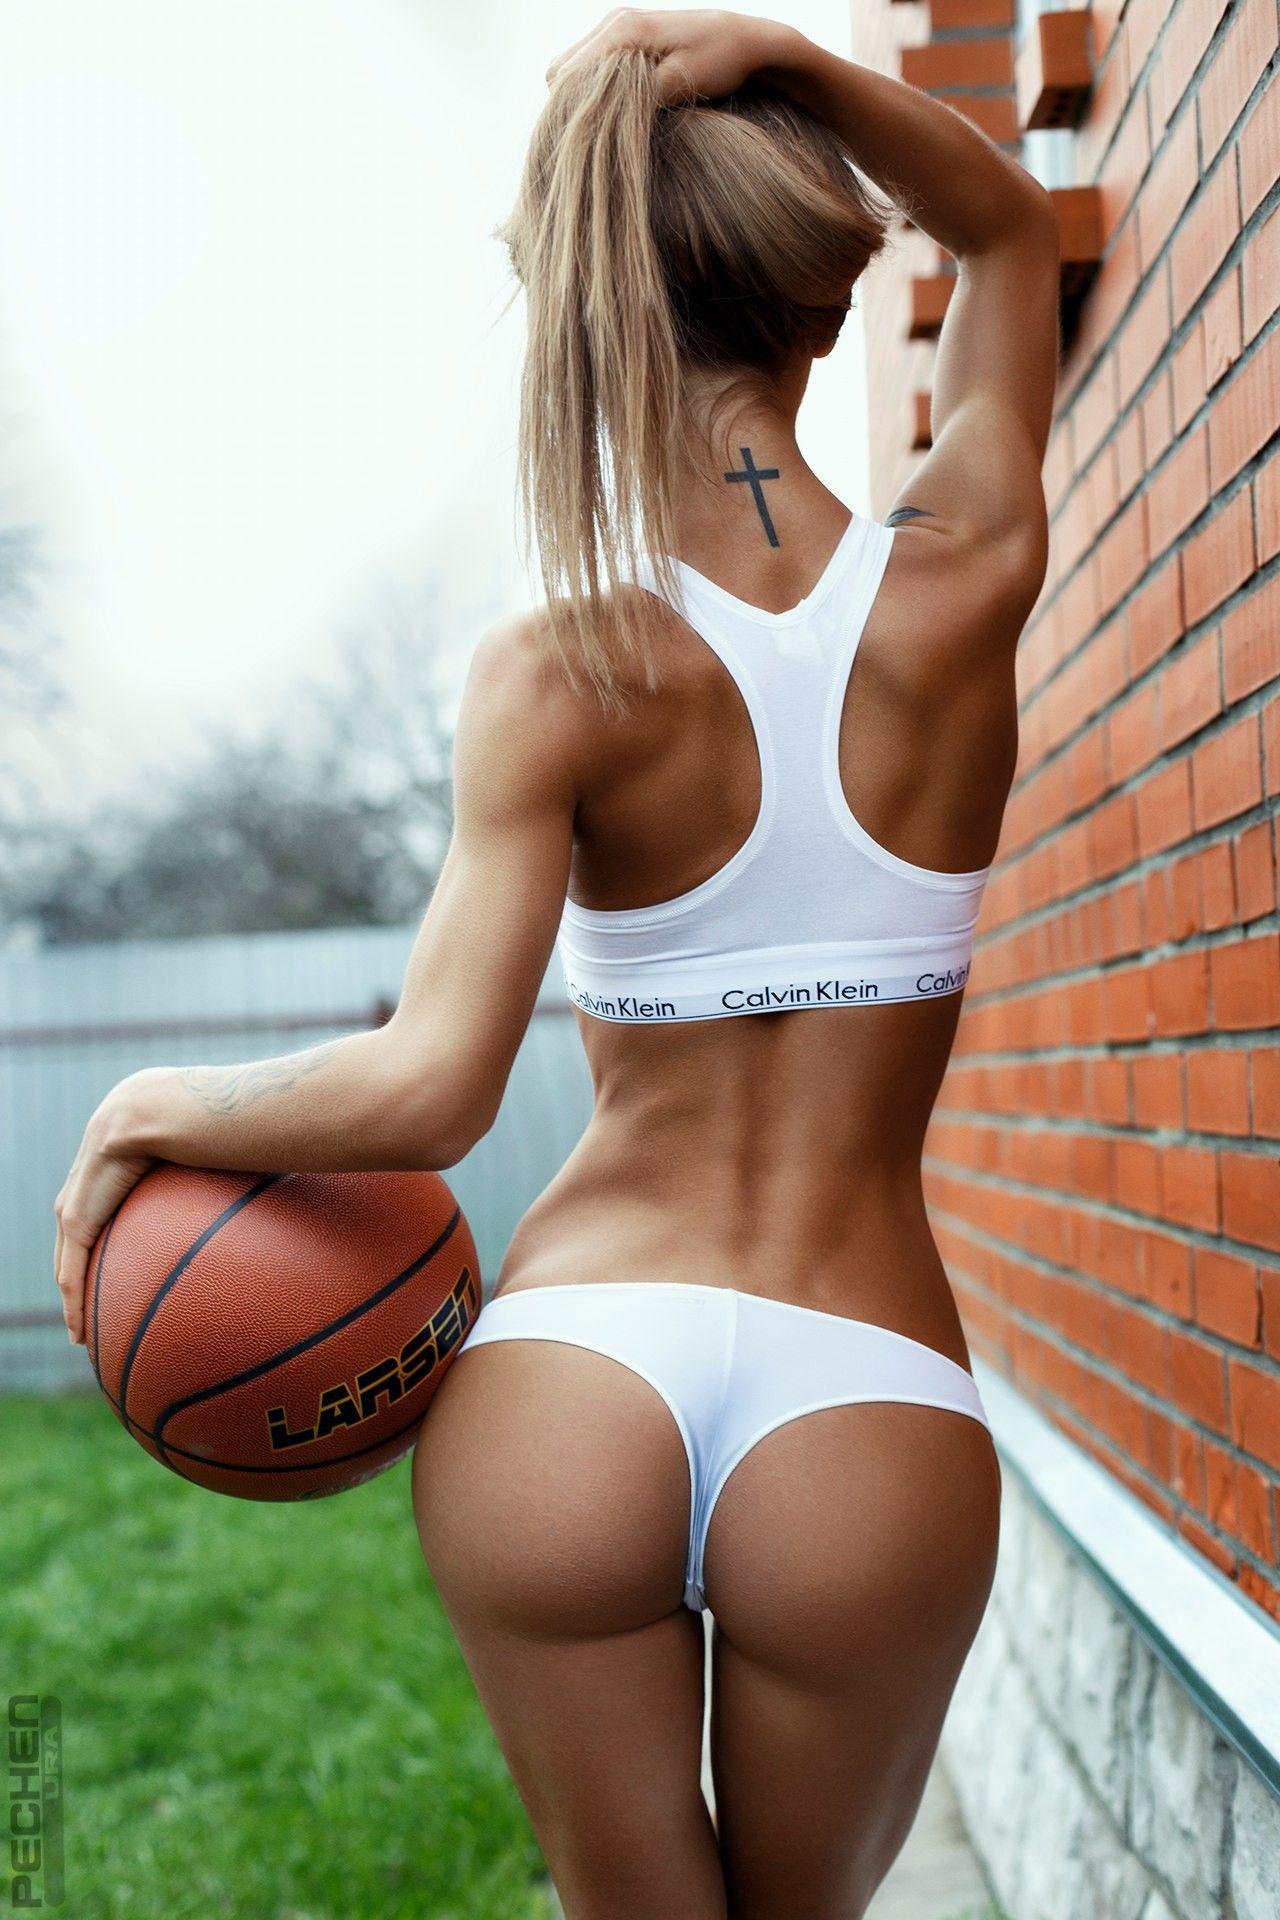 get fit af! health, fitness & exercise motivation t-shirt | fitness